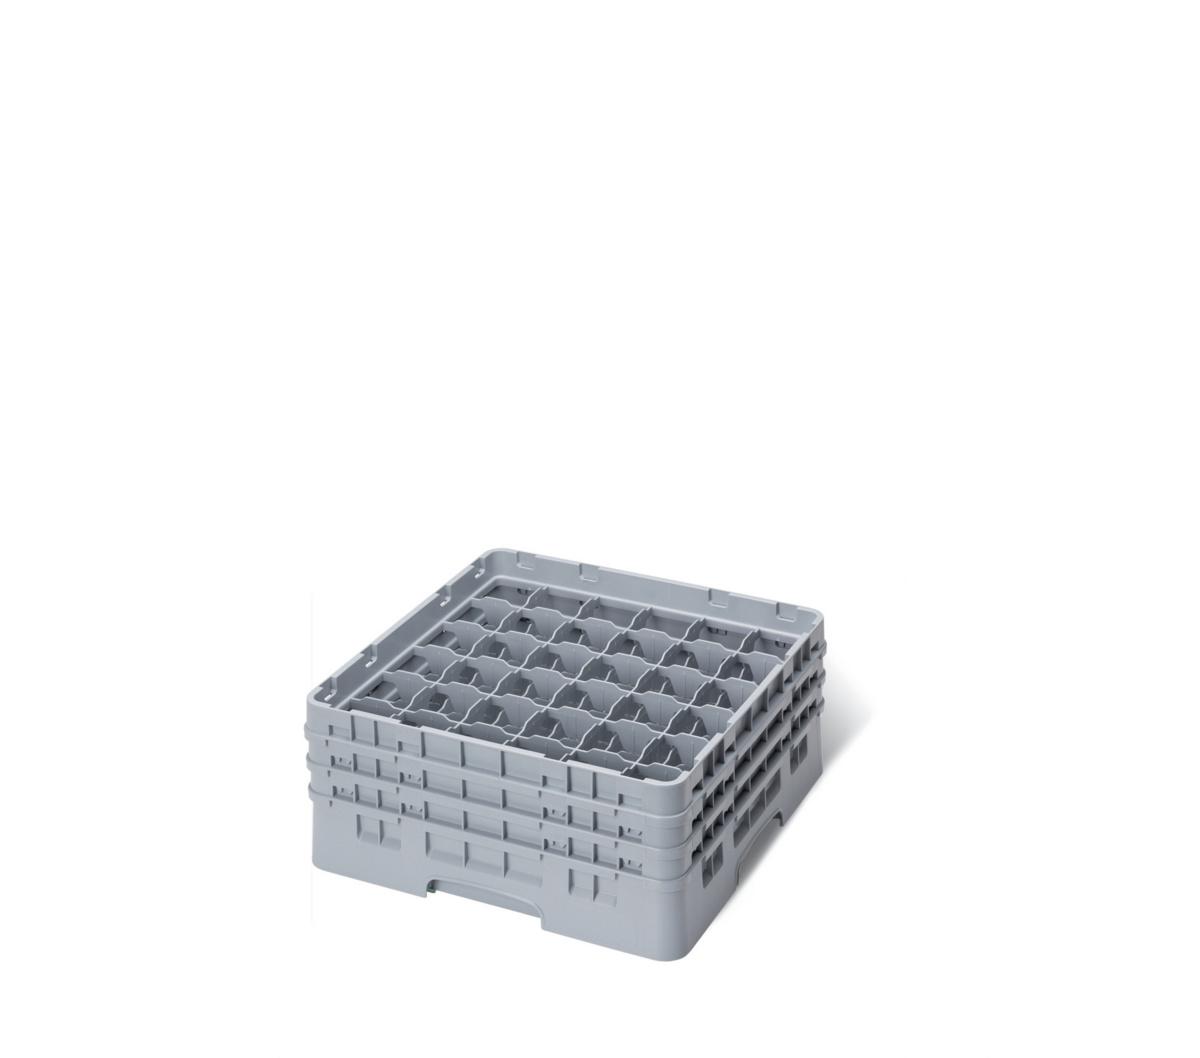 Casier de lavage plastique 50x50 cm Camrack Cambro